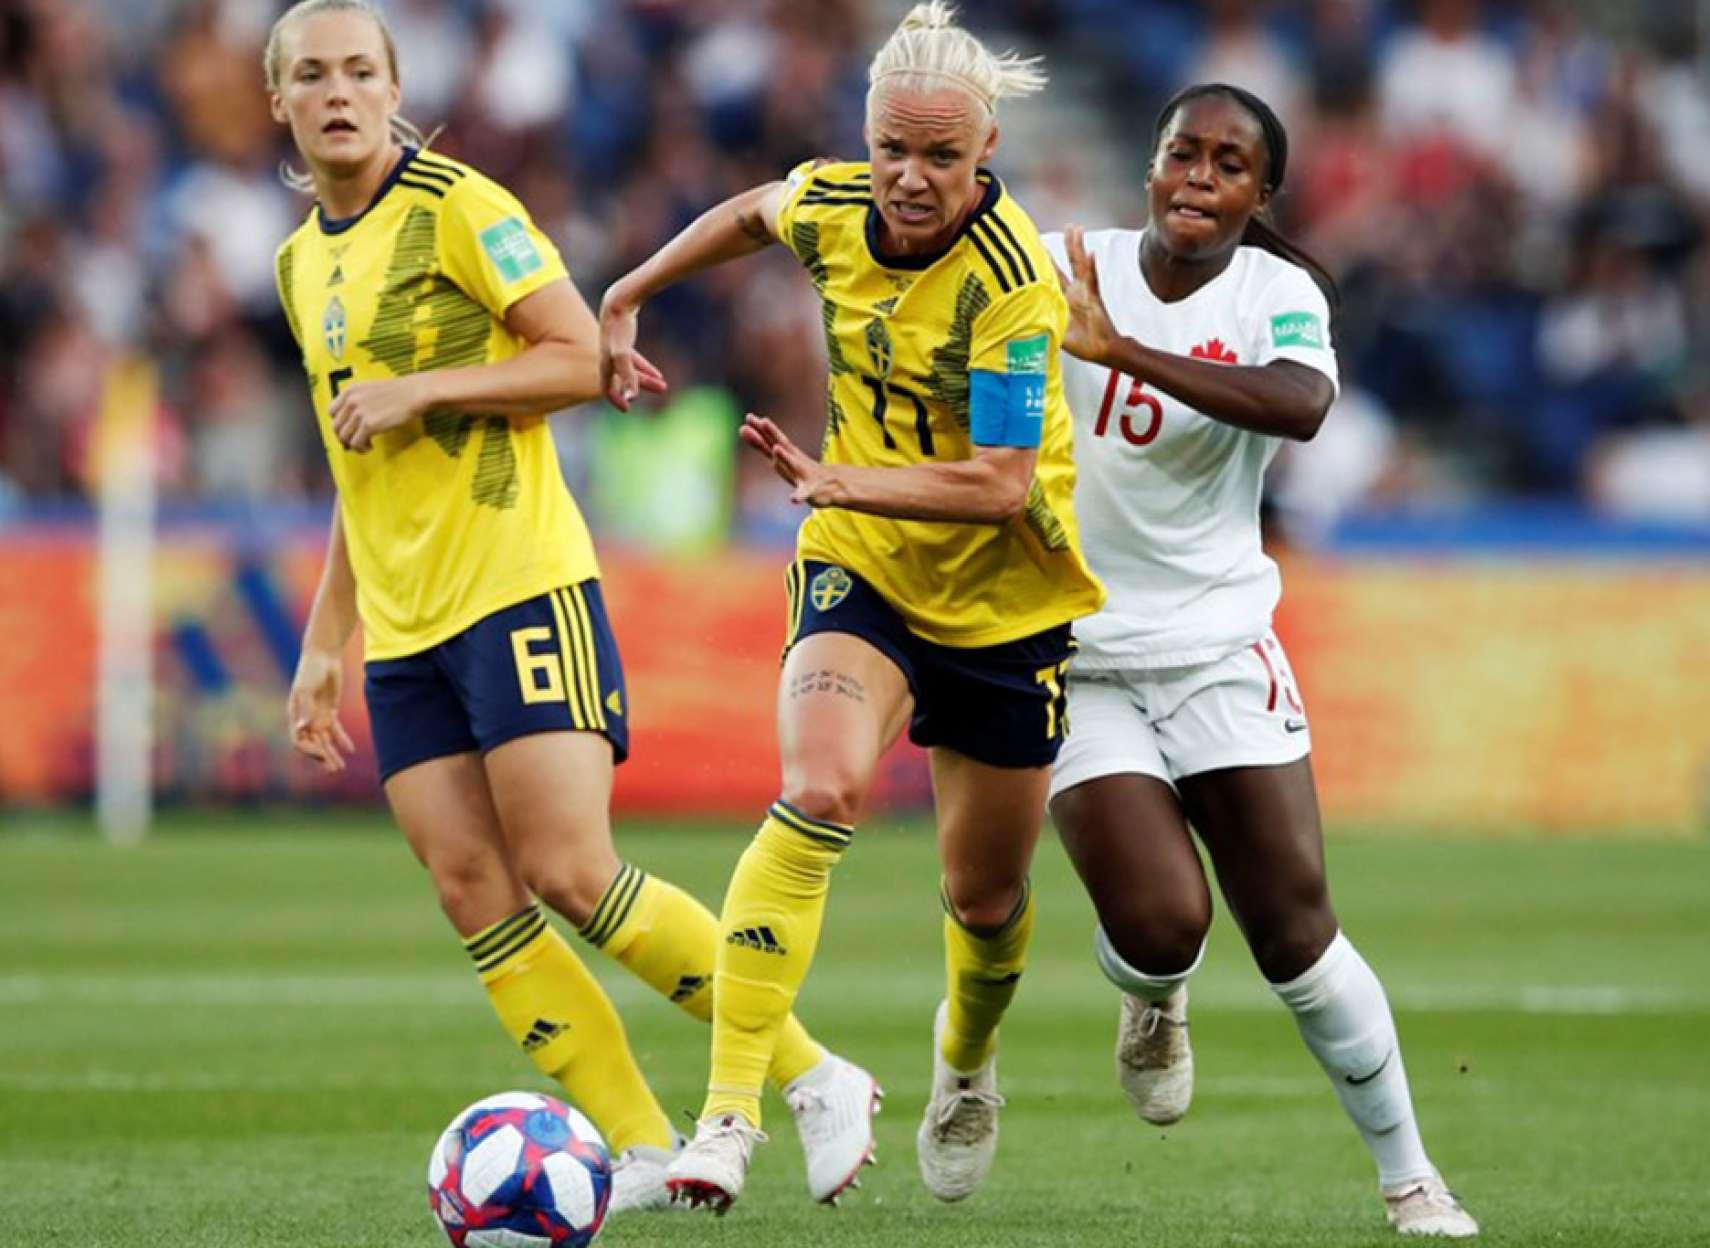 شکست-و-حذف-فوتبال-زنان-کانادا-در-جام-جهانی-کانادا-اخبار